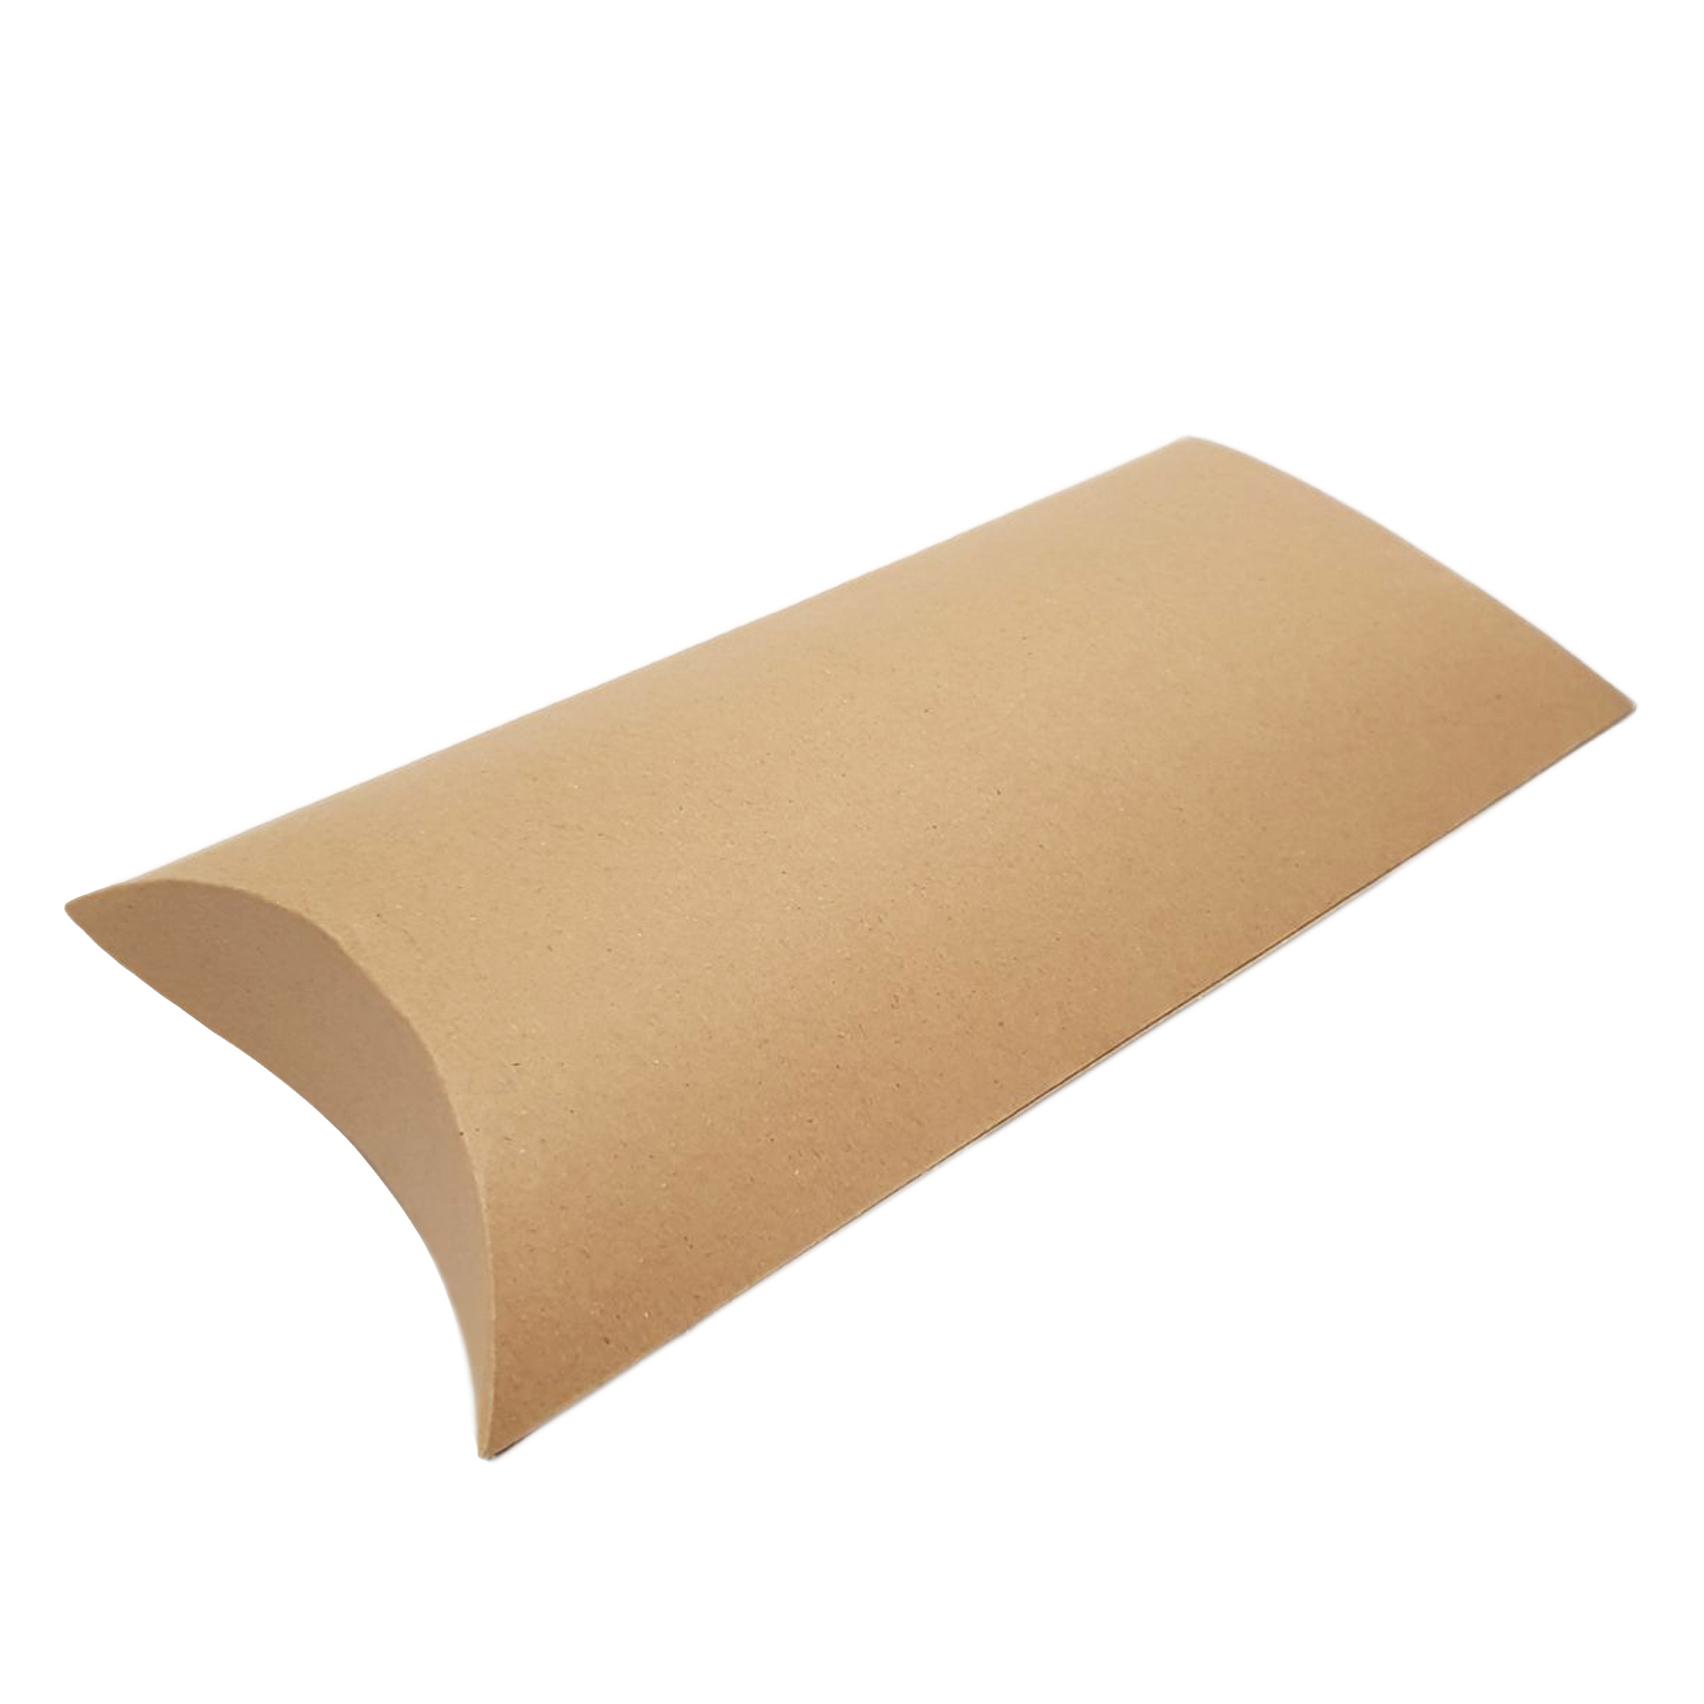 جعبه هدیه طرح Pillow کد P5-Mhr بسته 10 عددی